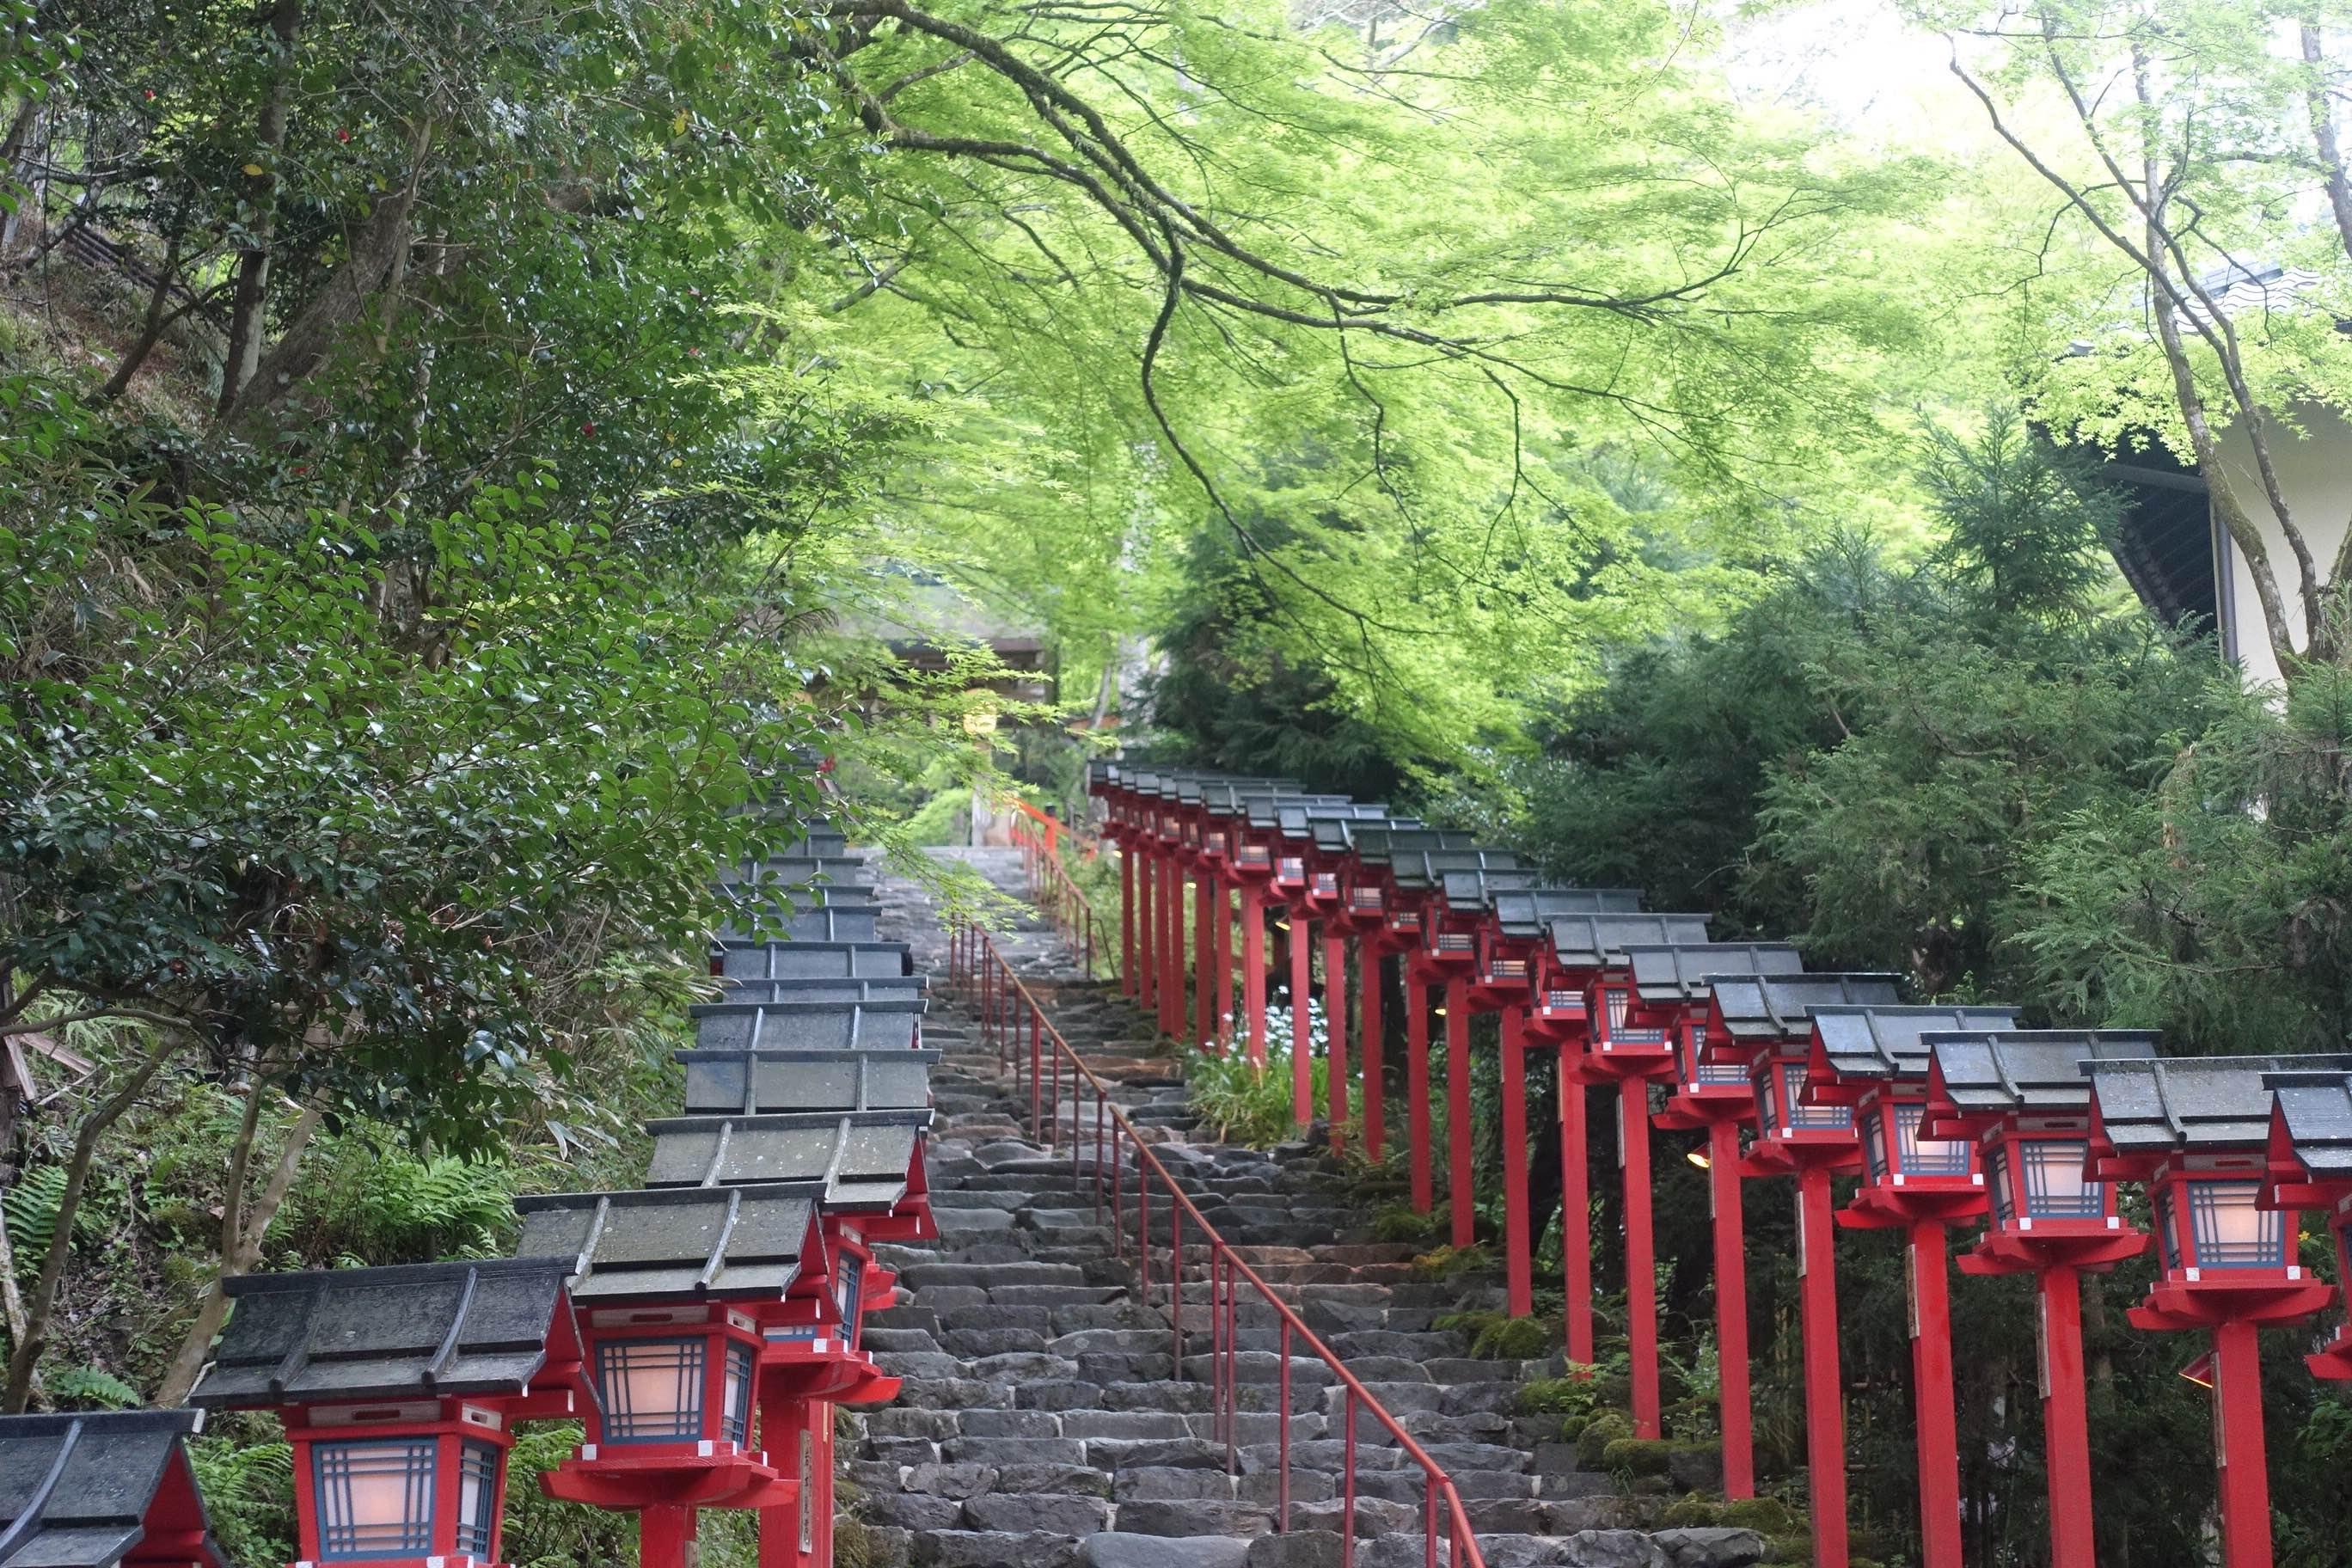 インスタ映えを演出する京都、SNSで自慢したくなるしくみづくり、「青もみじ」や初ライトアップを取材した【画像】